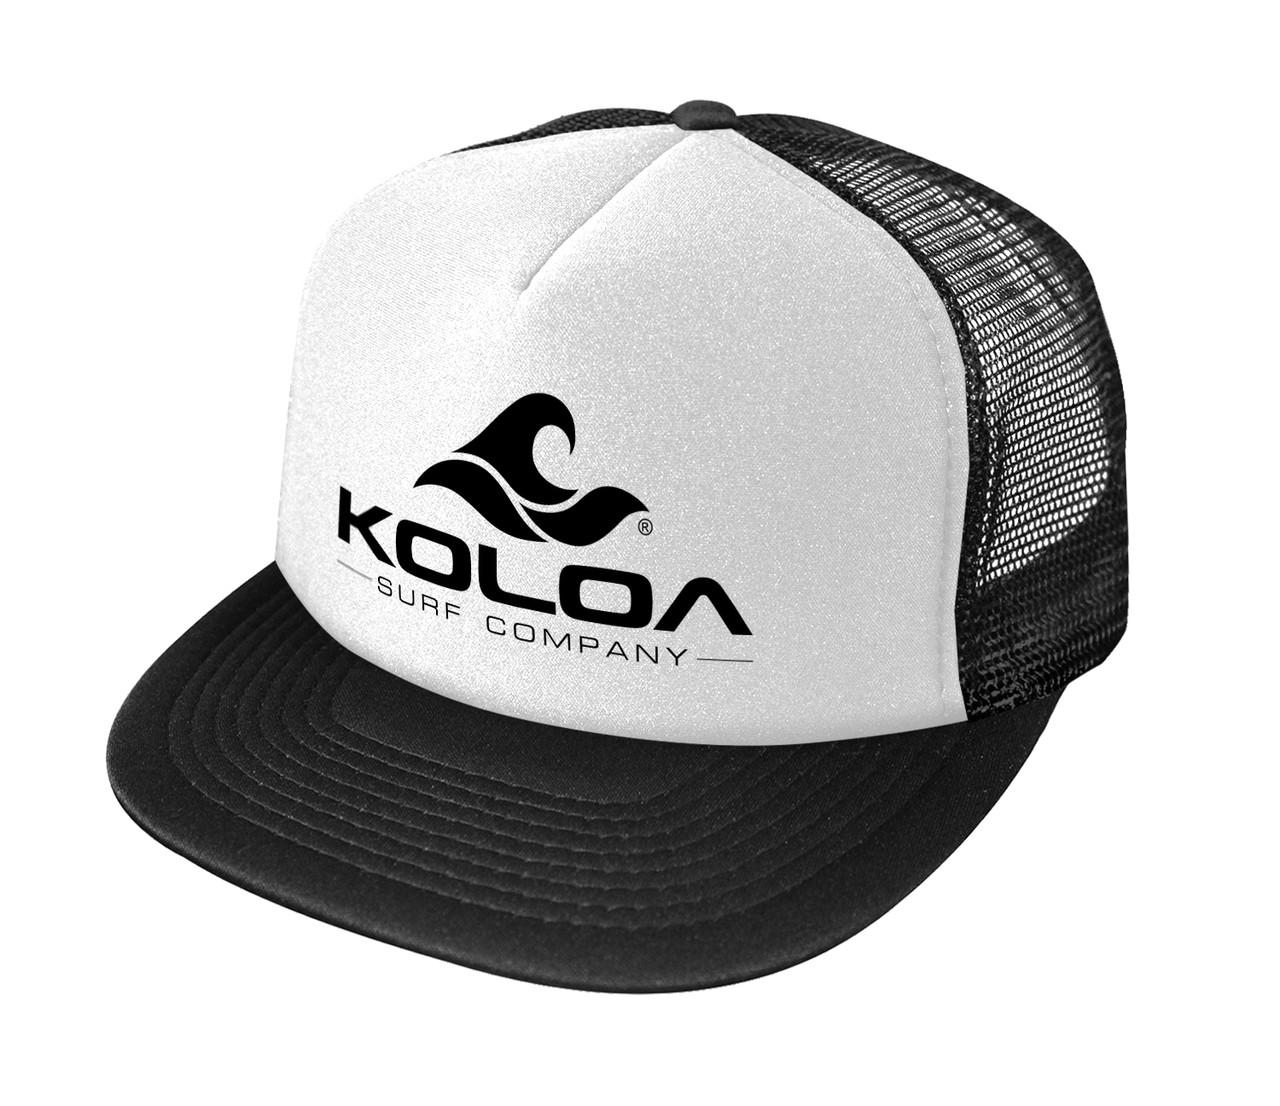 acff4e16d80 Koloa Surf Co. Wave Logo Poly-Foam Mesh Snapback High Profile ...